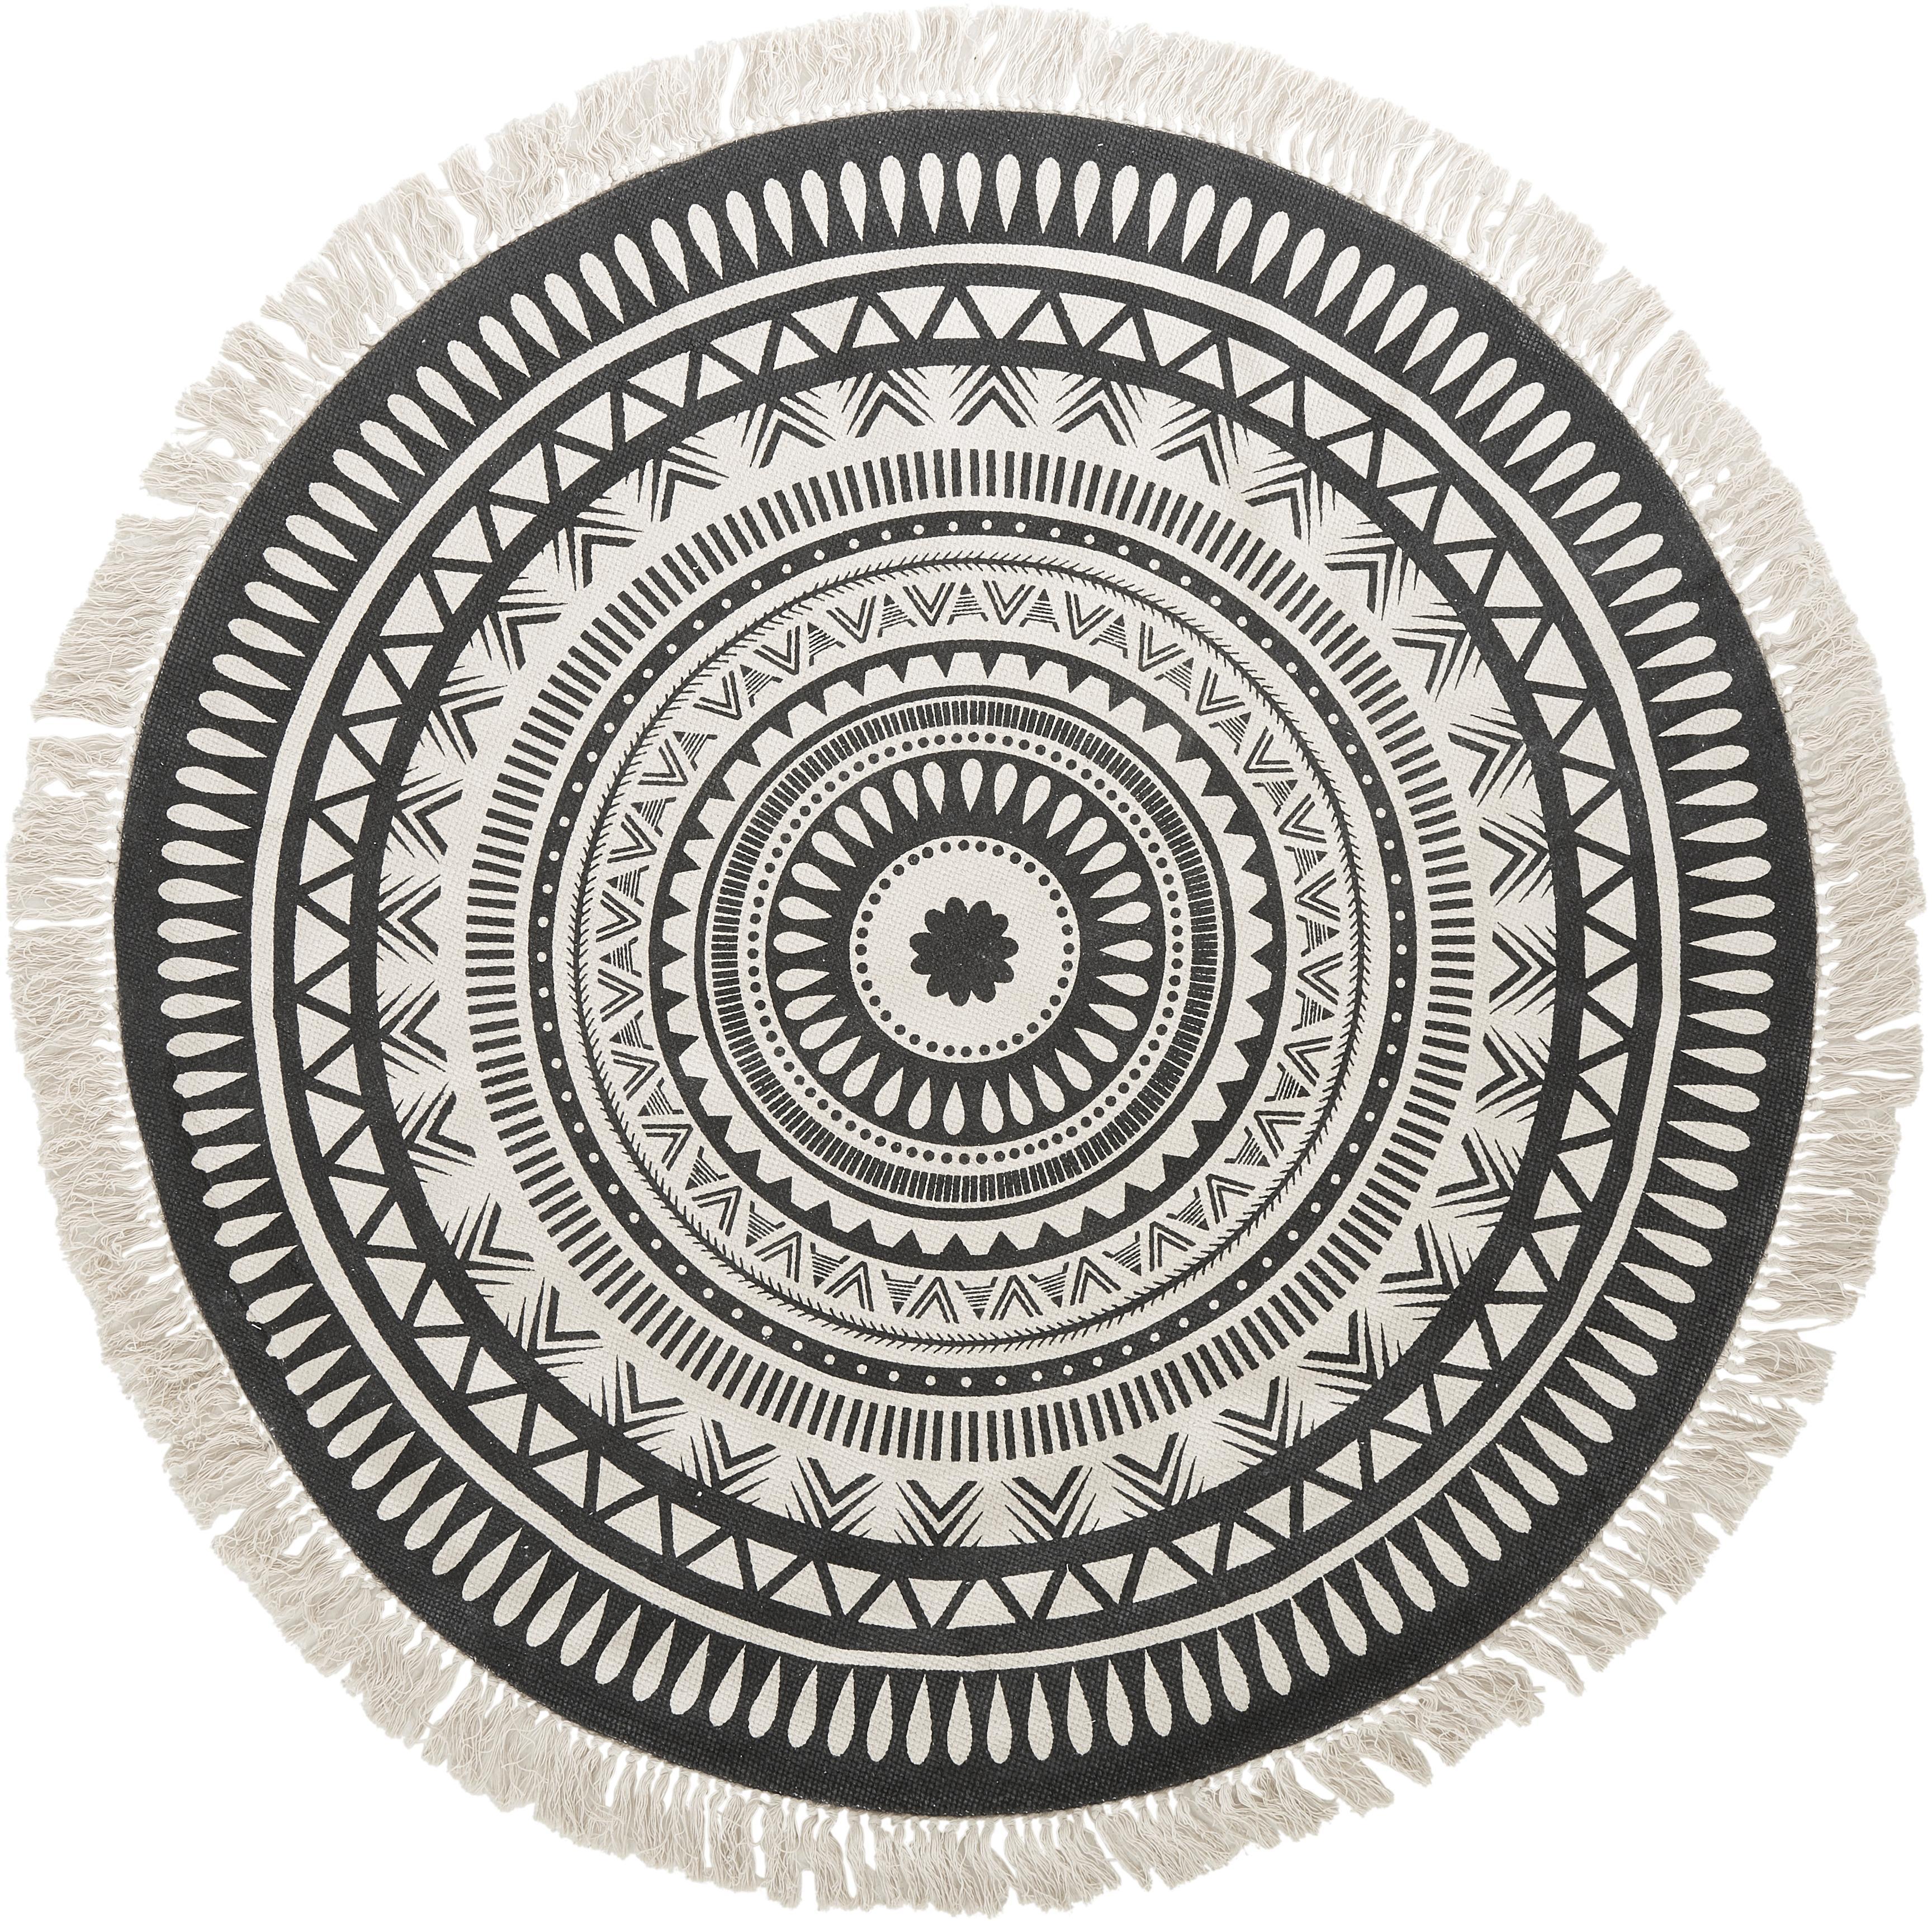 Okrągły  dywan z frędzlami Benji, Czarny, beżowy, Ø 150 cm (Rozmiar M)